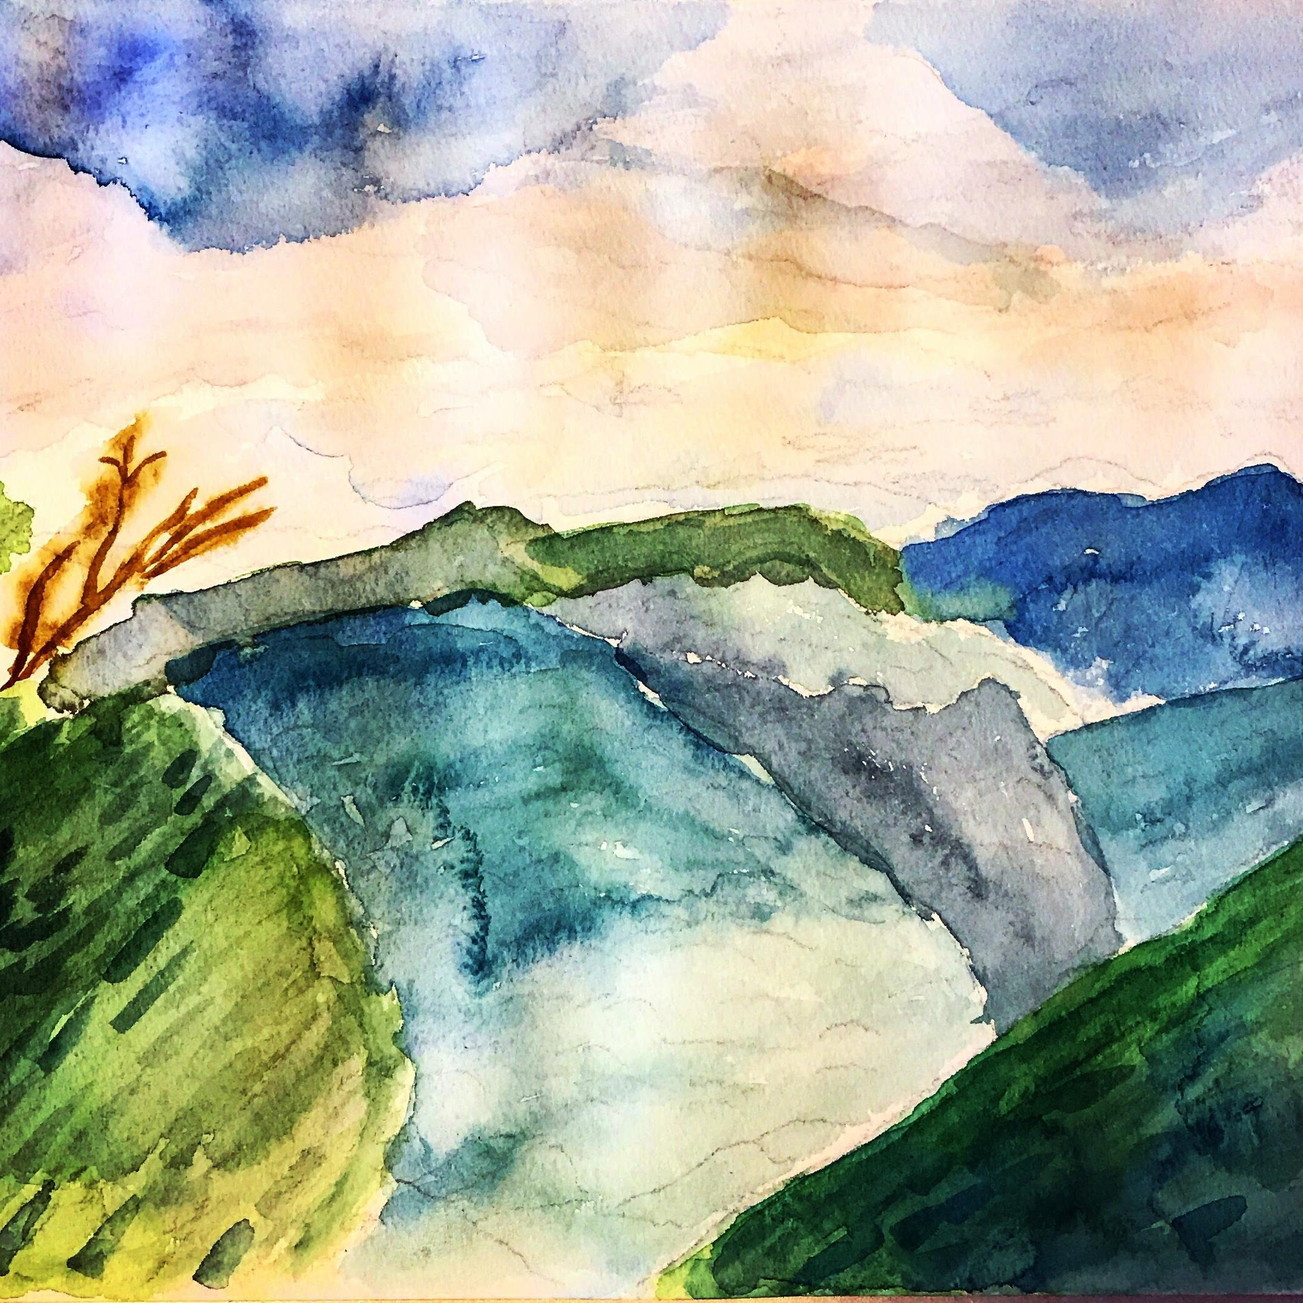 絵画 インテリア アートパネル 雑貨 壁掛け 置物 おしゃれ 風景画 アブストラクトアート 山 ロココロ 画家 : YUTA SASAKI 作品 : いつかの山